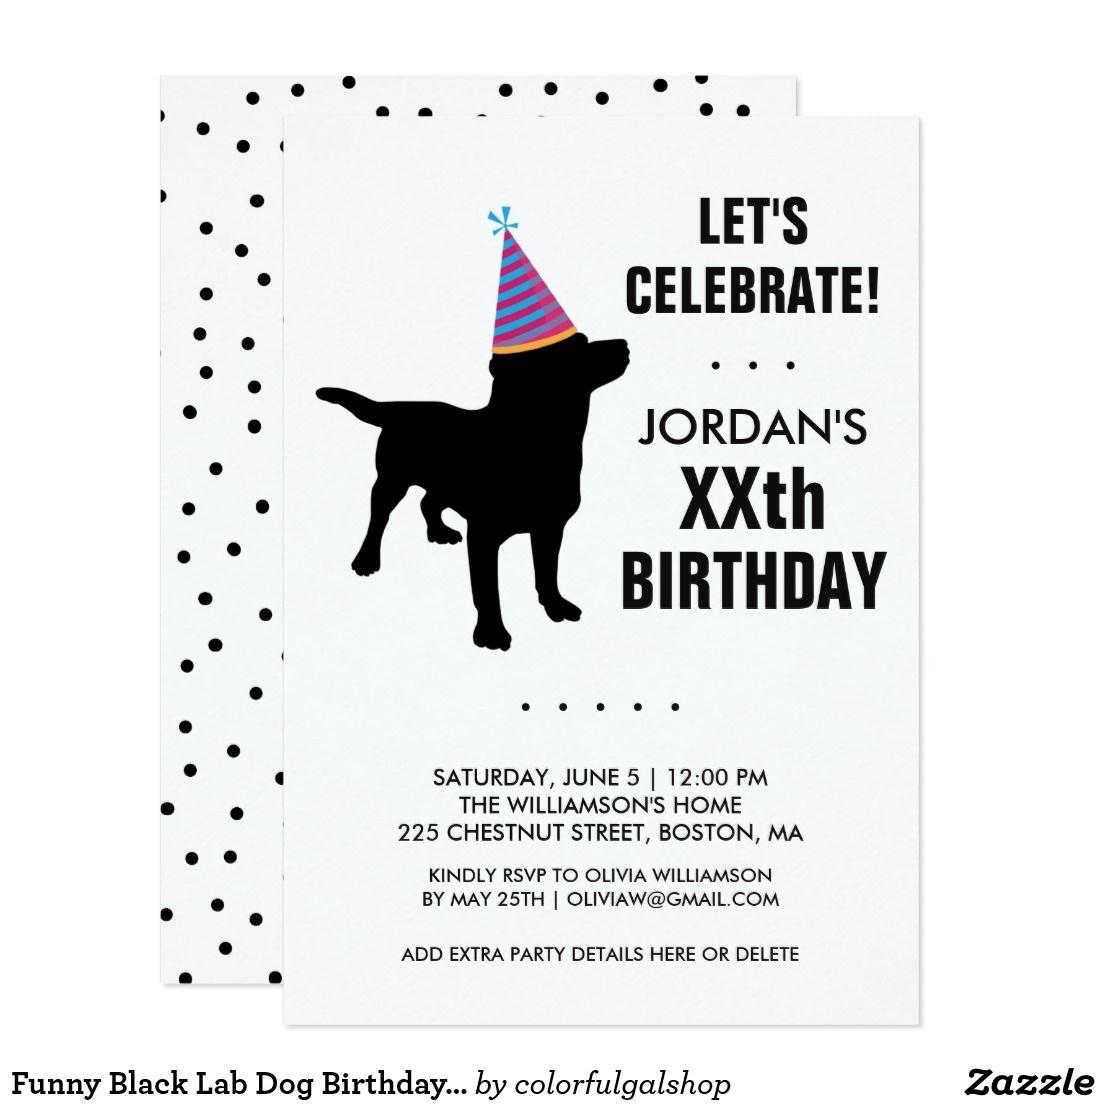 Funny Black Lab Dog Birthday Party Invitation | { Happy Birthday ...